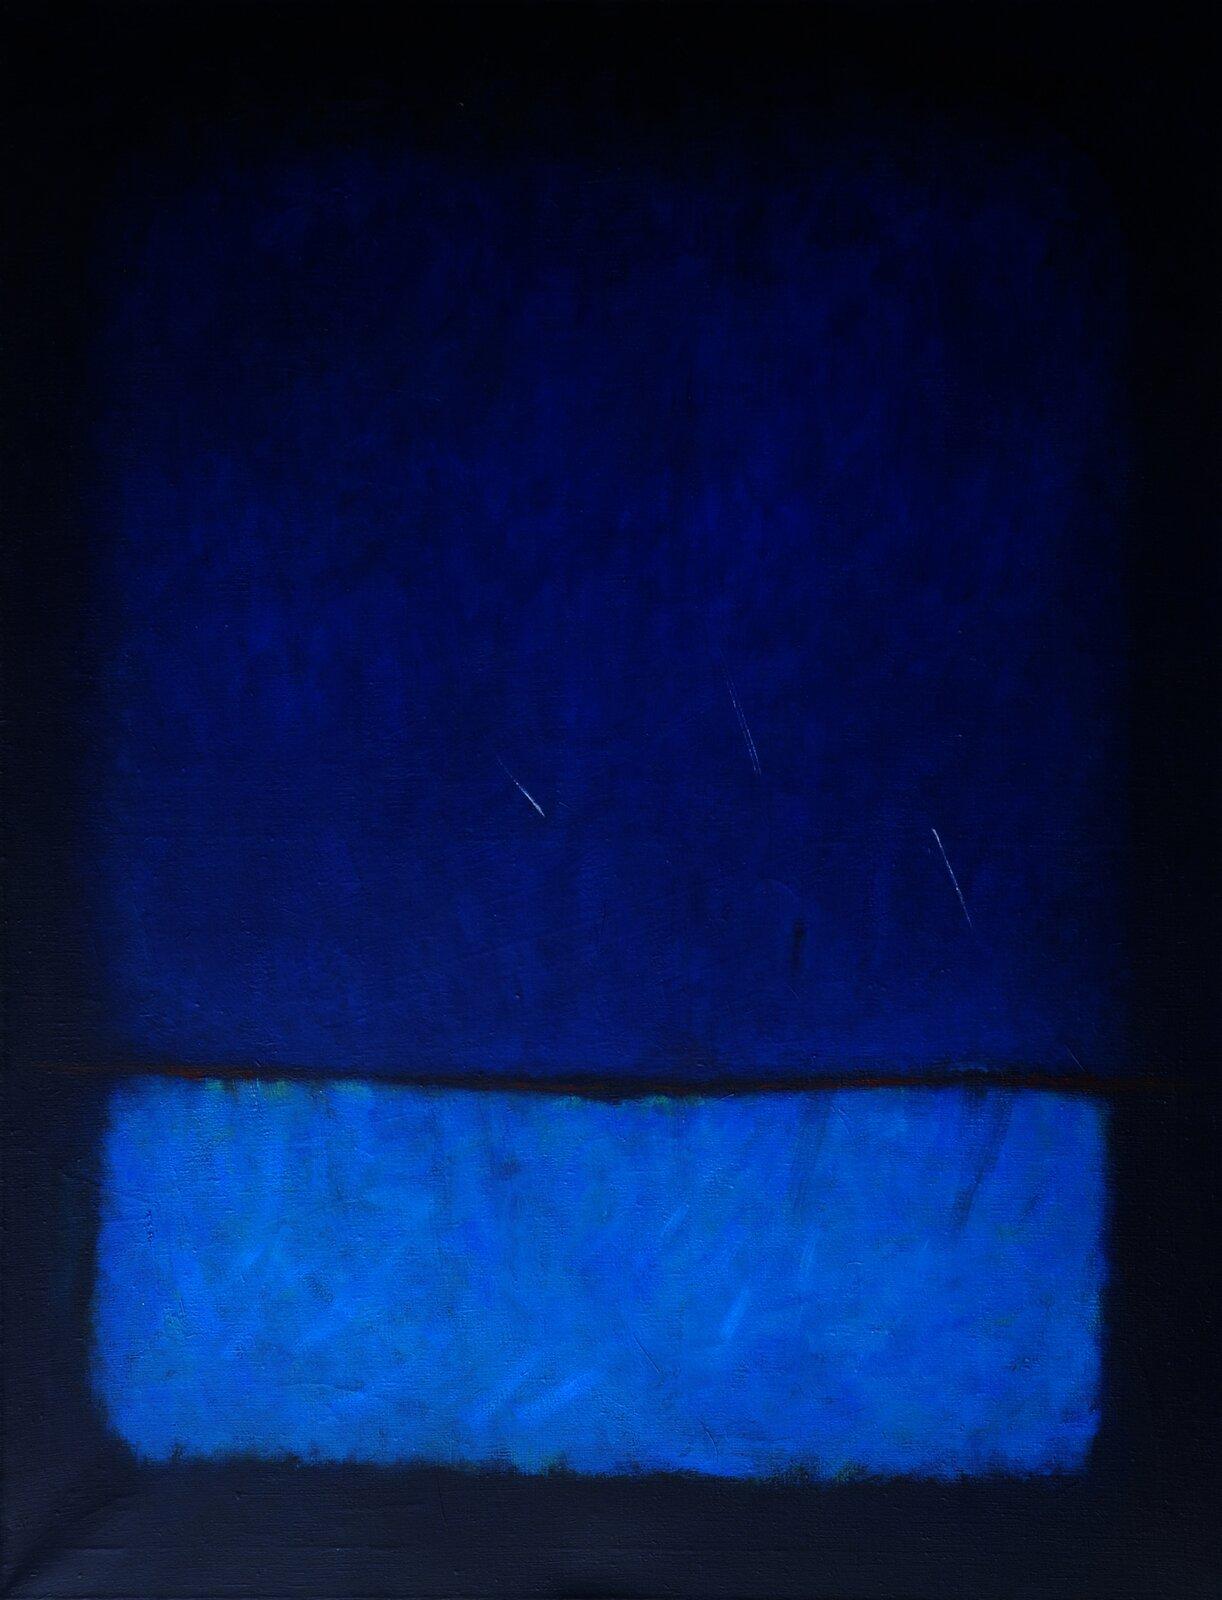 """Ilustracja przedstawia obraz olejny """"Obecność"""" autorstwa Mirosławy Rocheckiej. Na ciemno granatowym tle zostały namalowane luźnymi pociągnięciami pędzla, dwa niebieskie prostokąty onieregularnych krawędziach. Górny, ciemniejszy iwiększy prostokąt uszczytu miesza się zciemnym tłem, natomiast dolny, mniejszy wyraźnie wybija się swym jasnym, niemal kobaltowym kolorem na tle ciemnych granatów. Monochromatyczny obraz ogranicza się jedynie do trzech odcieni koloru niebieskiego."""